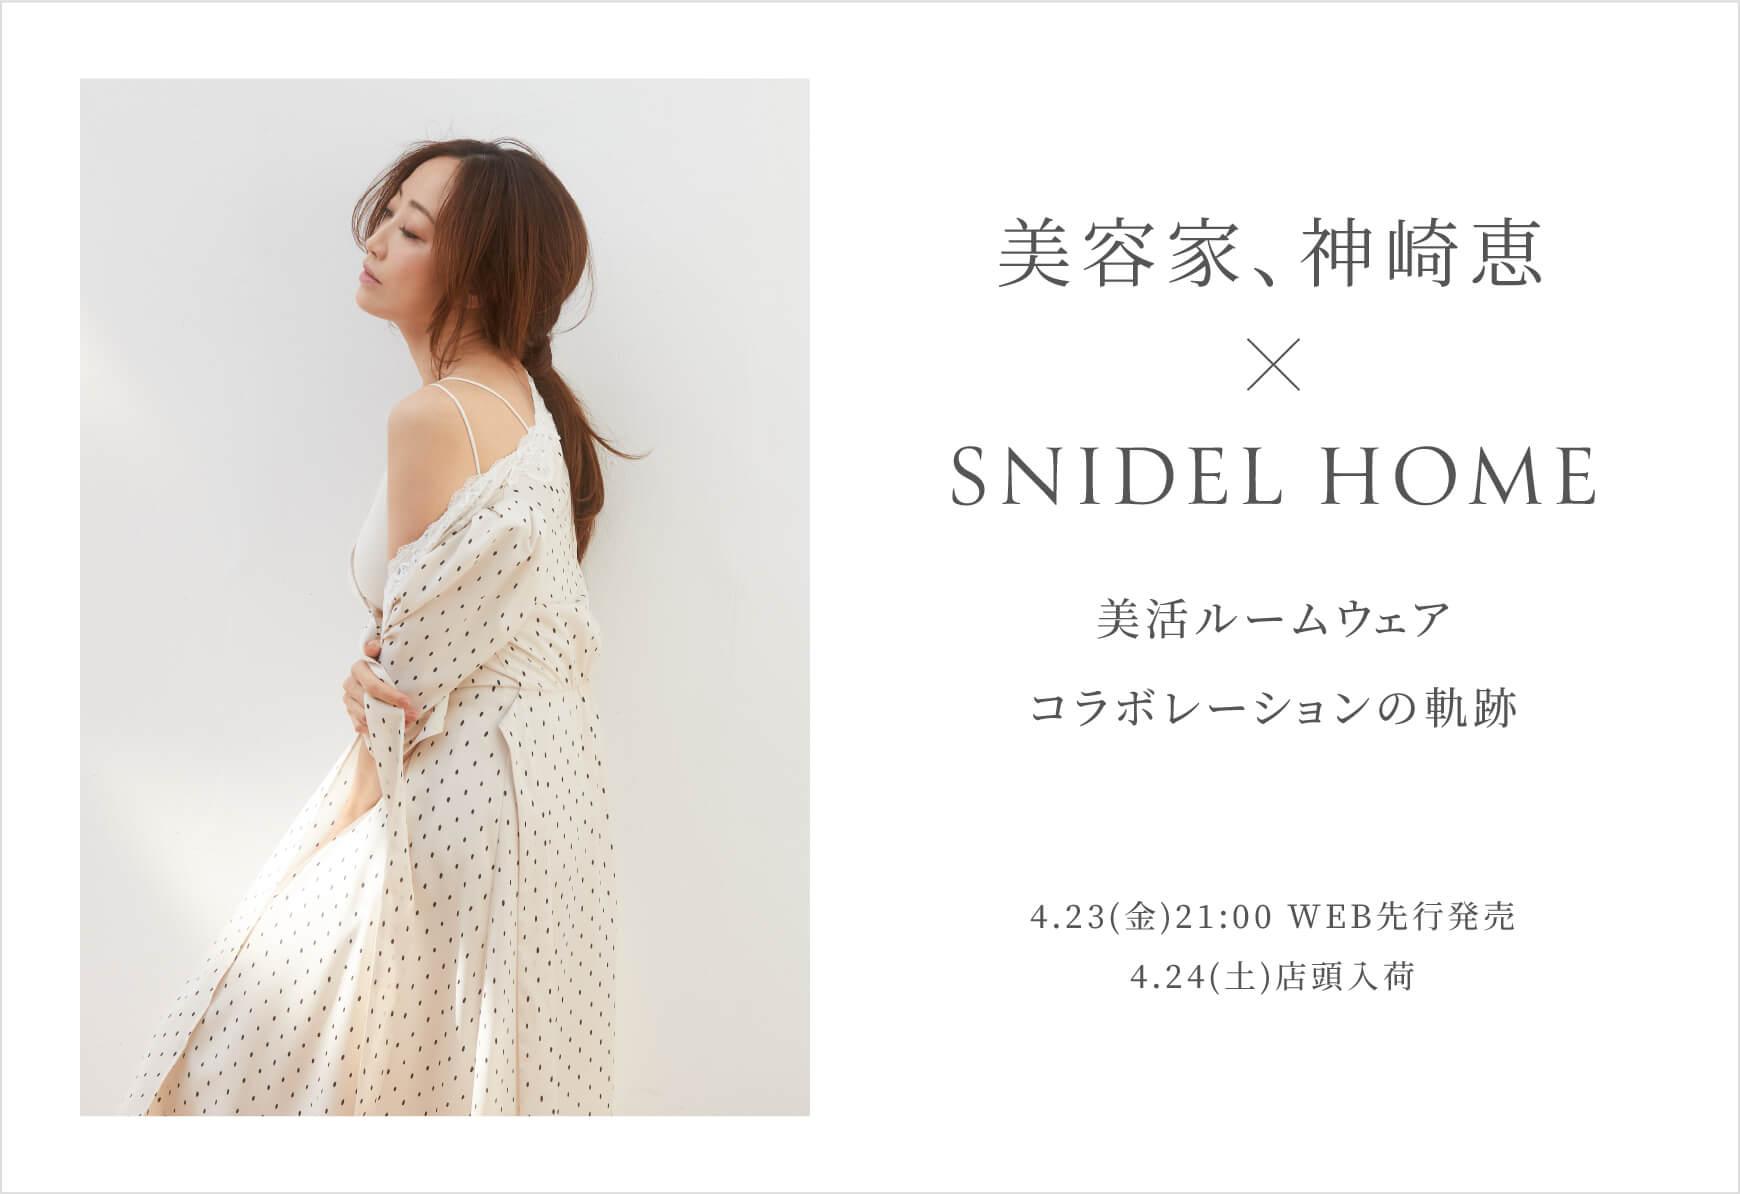 美容家、神崎恵 × SNIDEL HOME 美活ルームウェア コラボレーションの軌跡